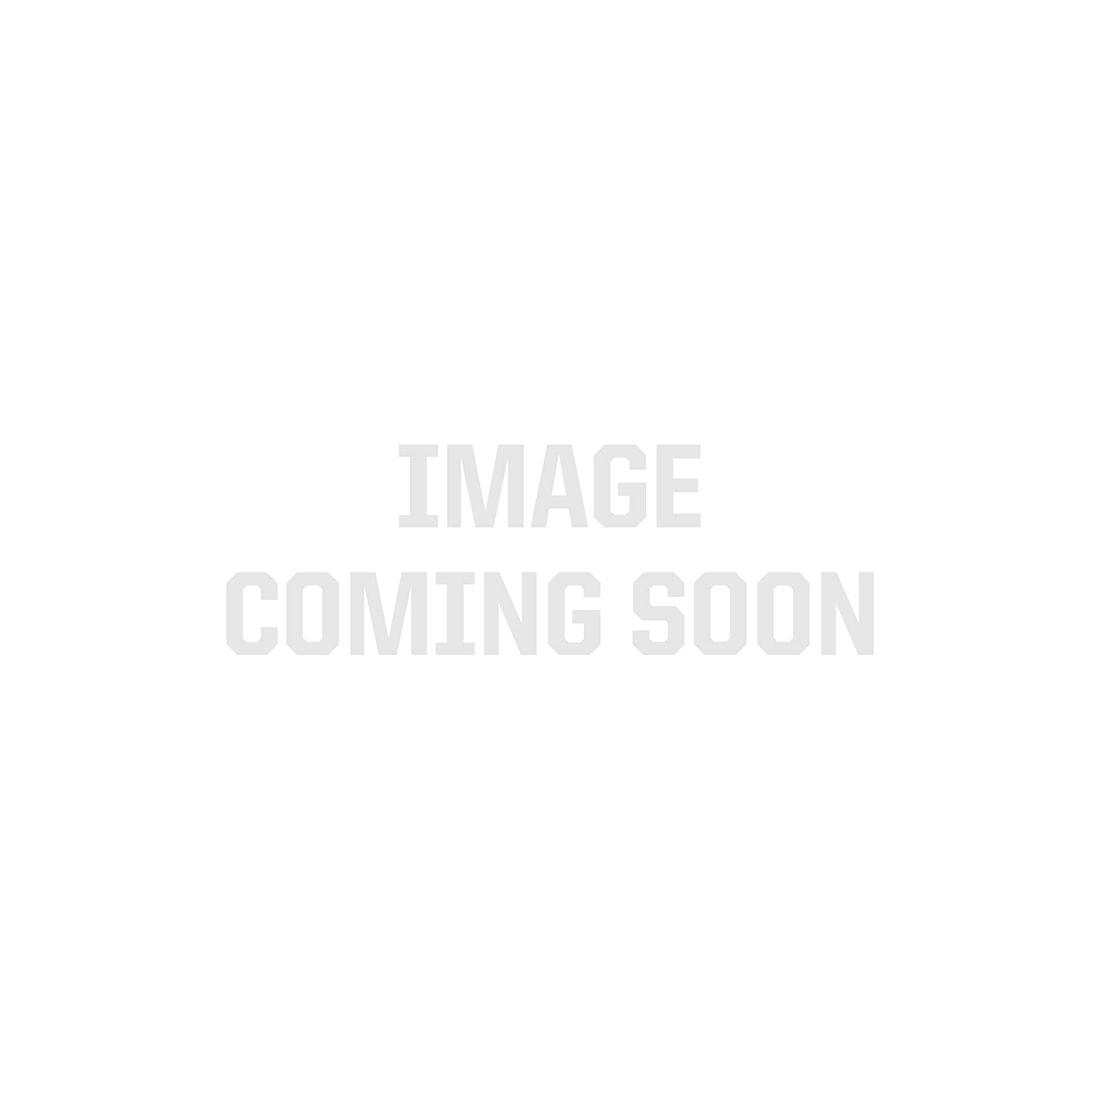 Soft White 3528 Quad Row LED Strip Light, 450/m, 28mm wide, Sample Kit